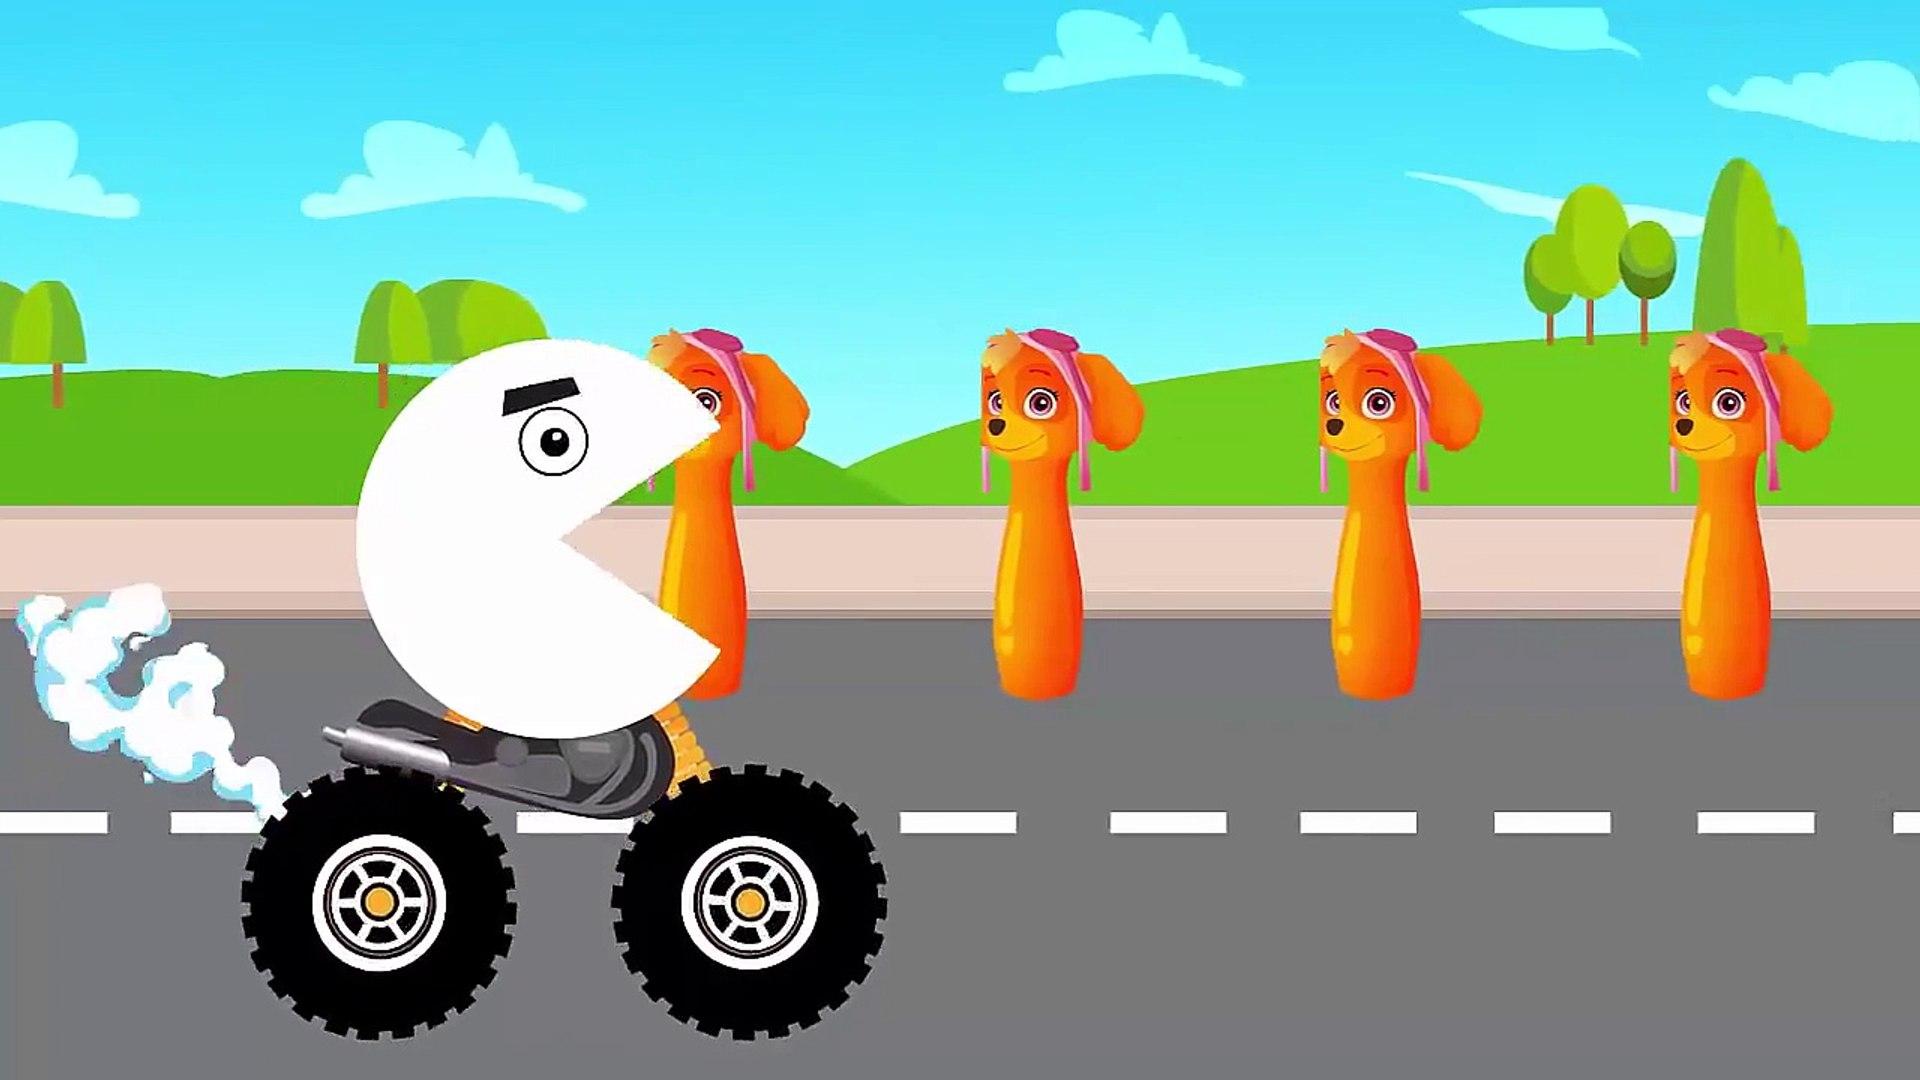 Paw Patrol Цвета для детей, чтобы узнать с Pacman для детей видео обучения Для детей #Funny